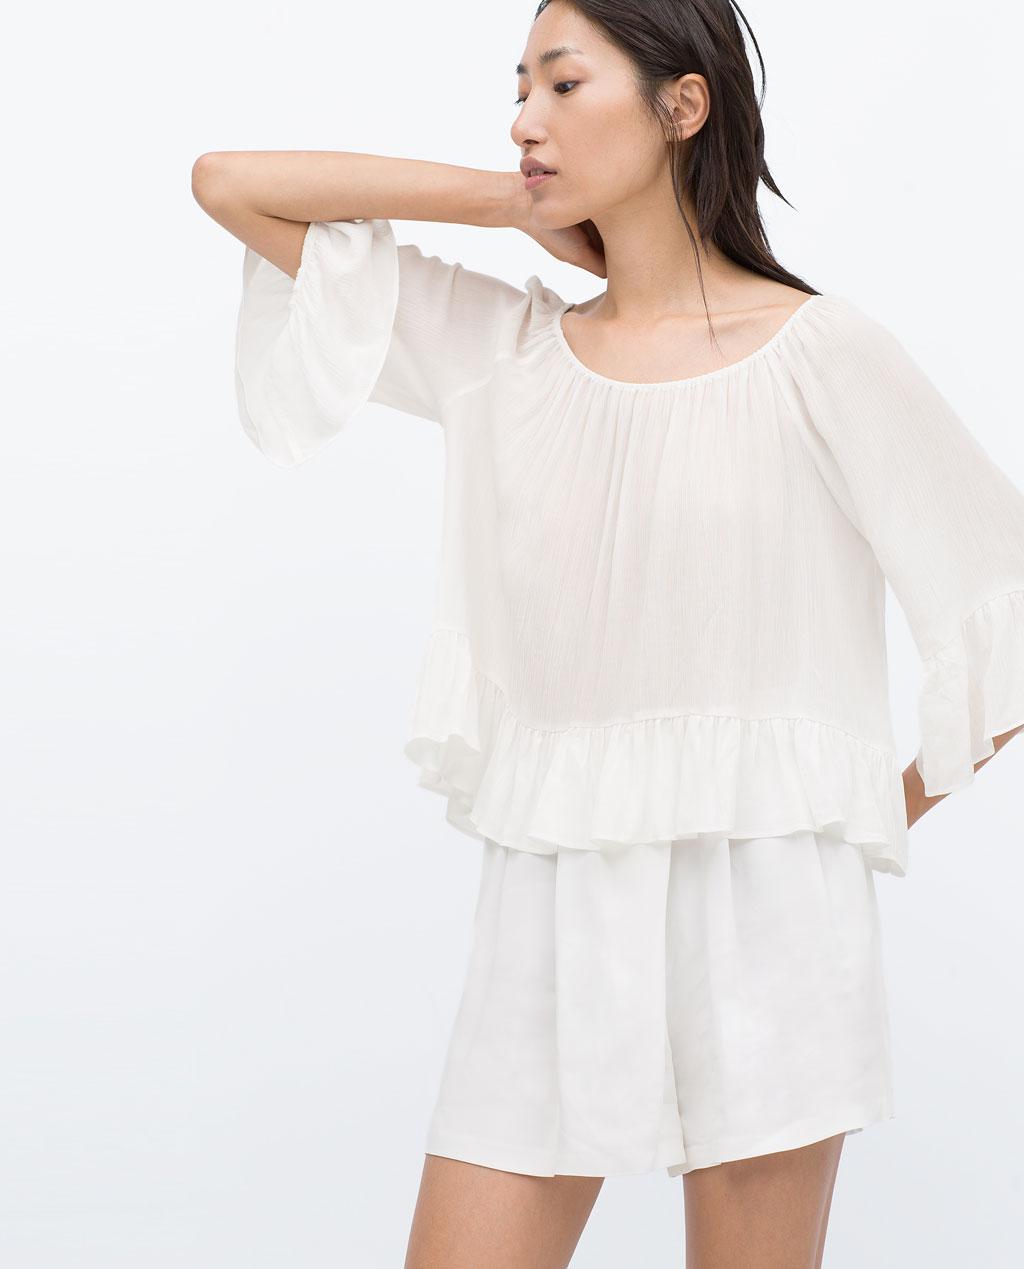 Zara boathouse white blouse